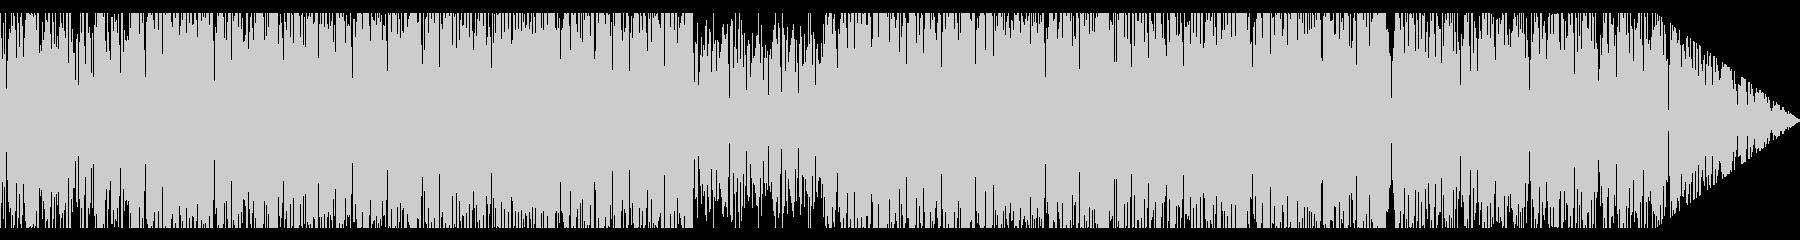 レトロなエレクトリック・ファンク風の未再生の波形